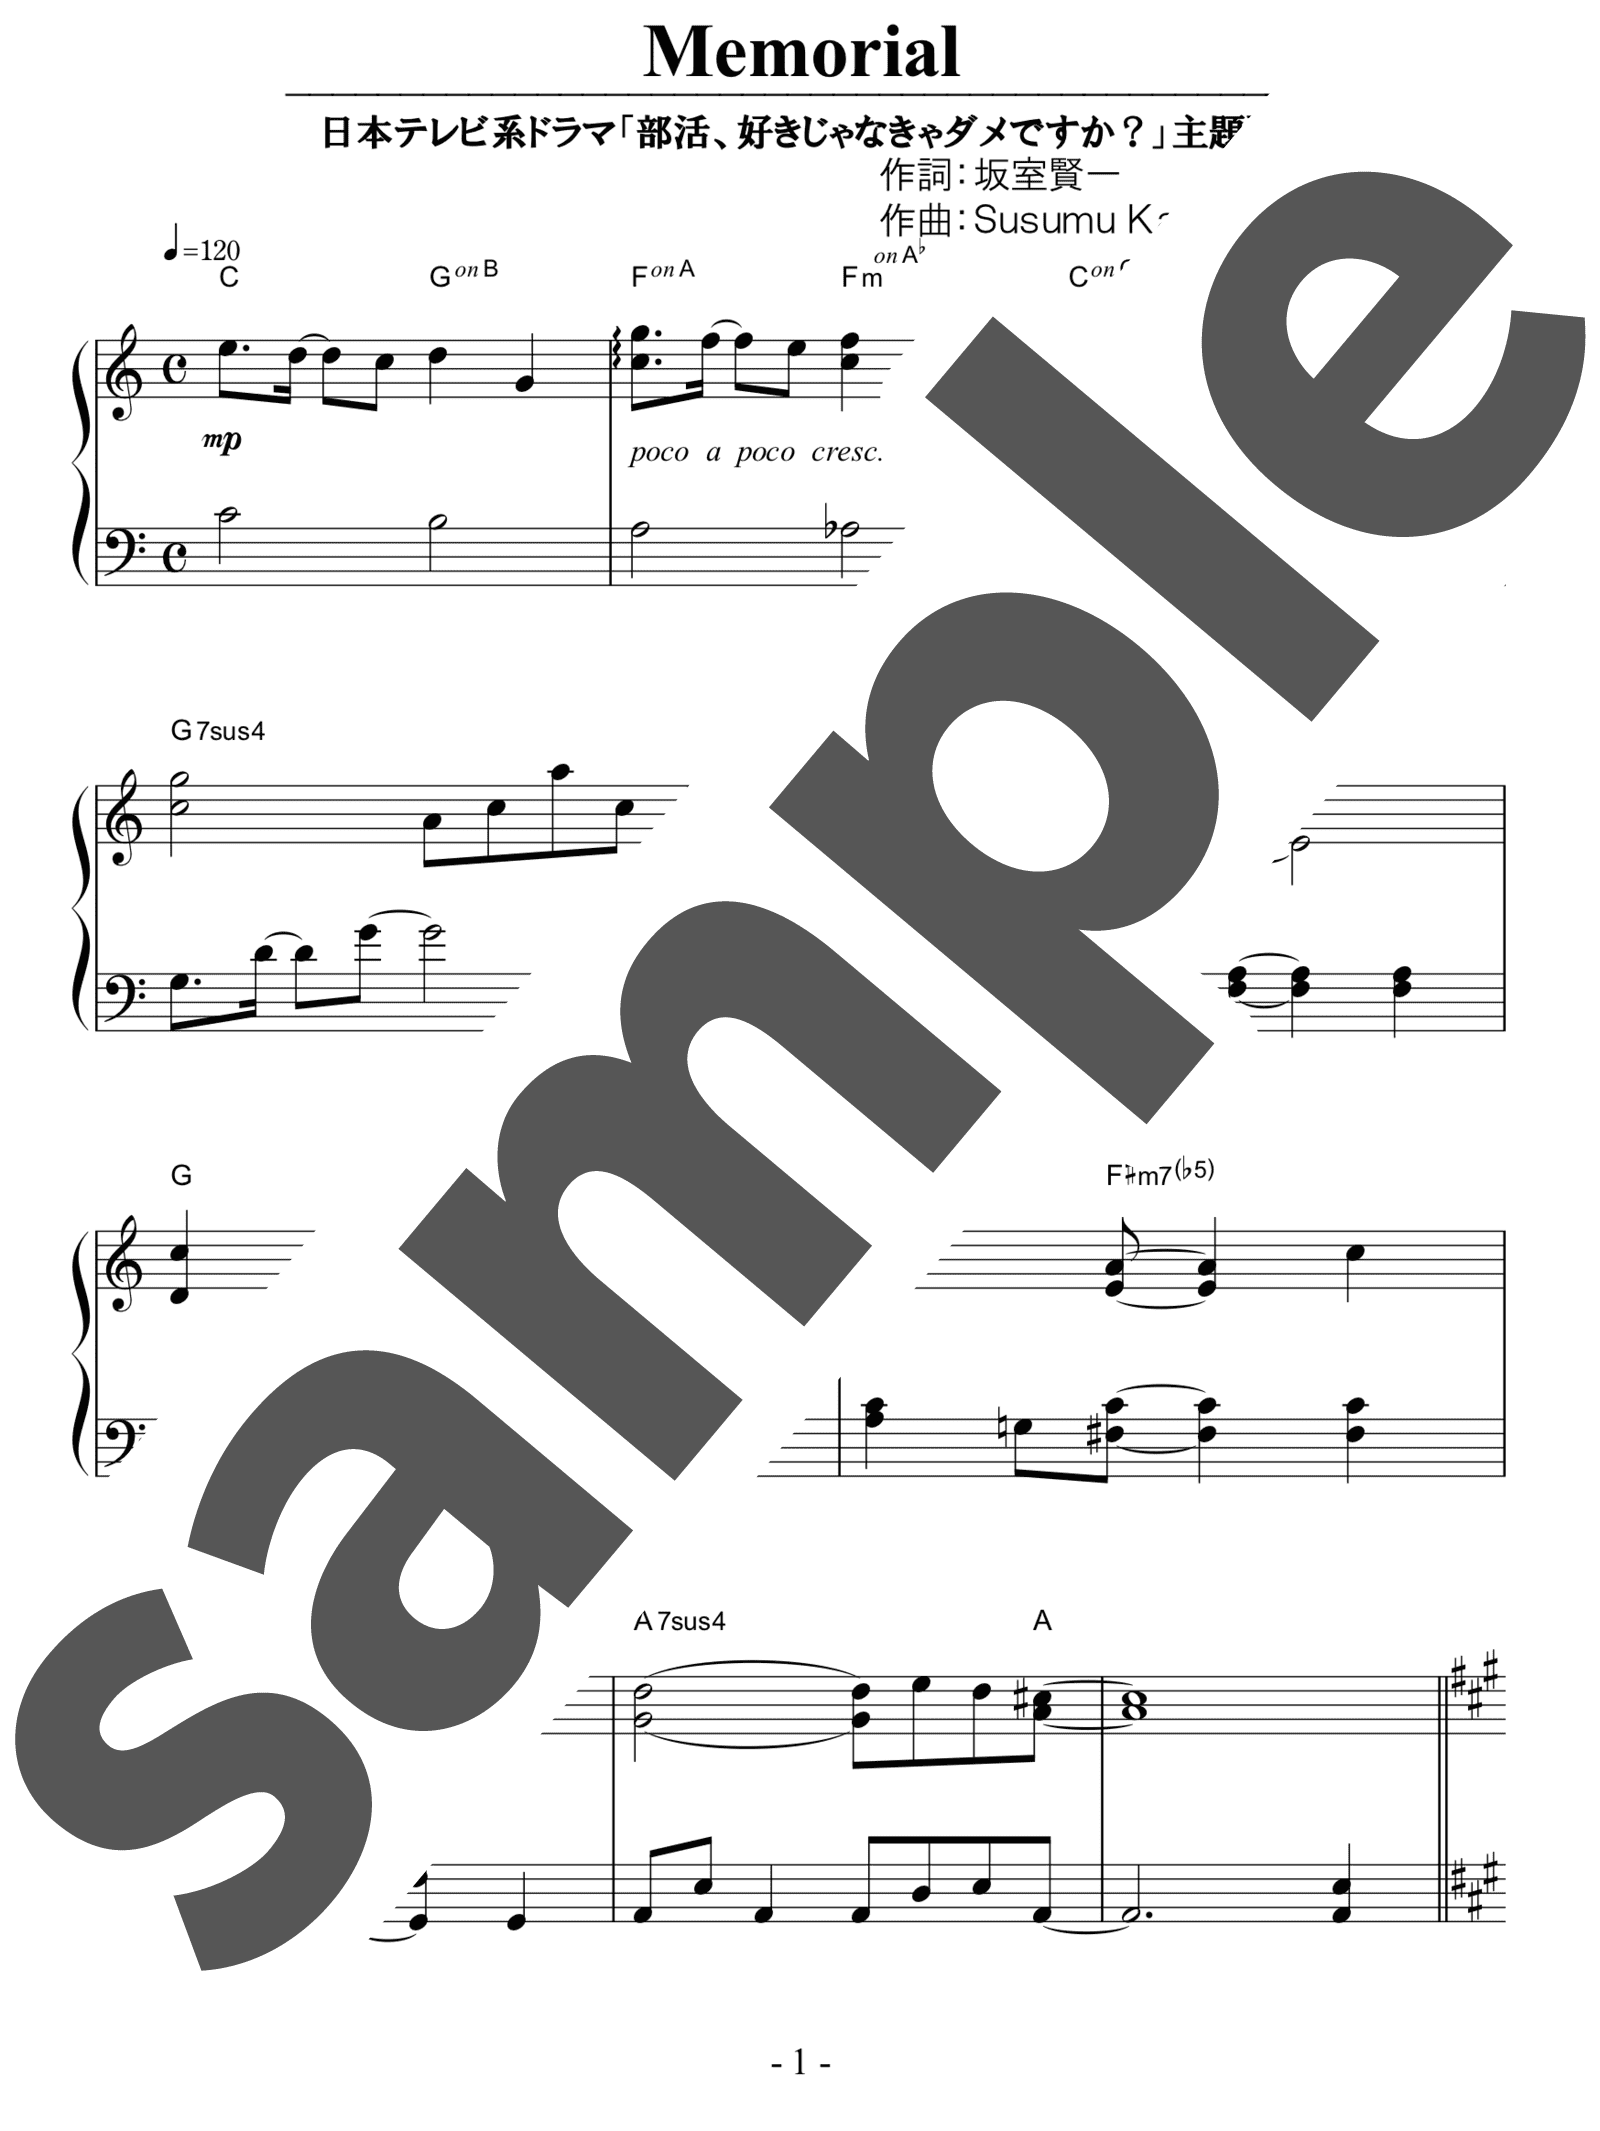 「Memorial」のサンプル楽譜